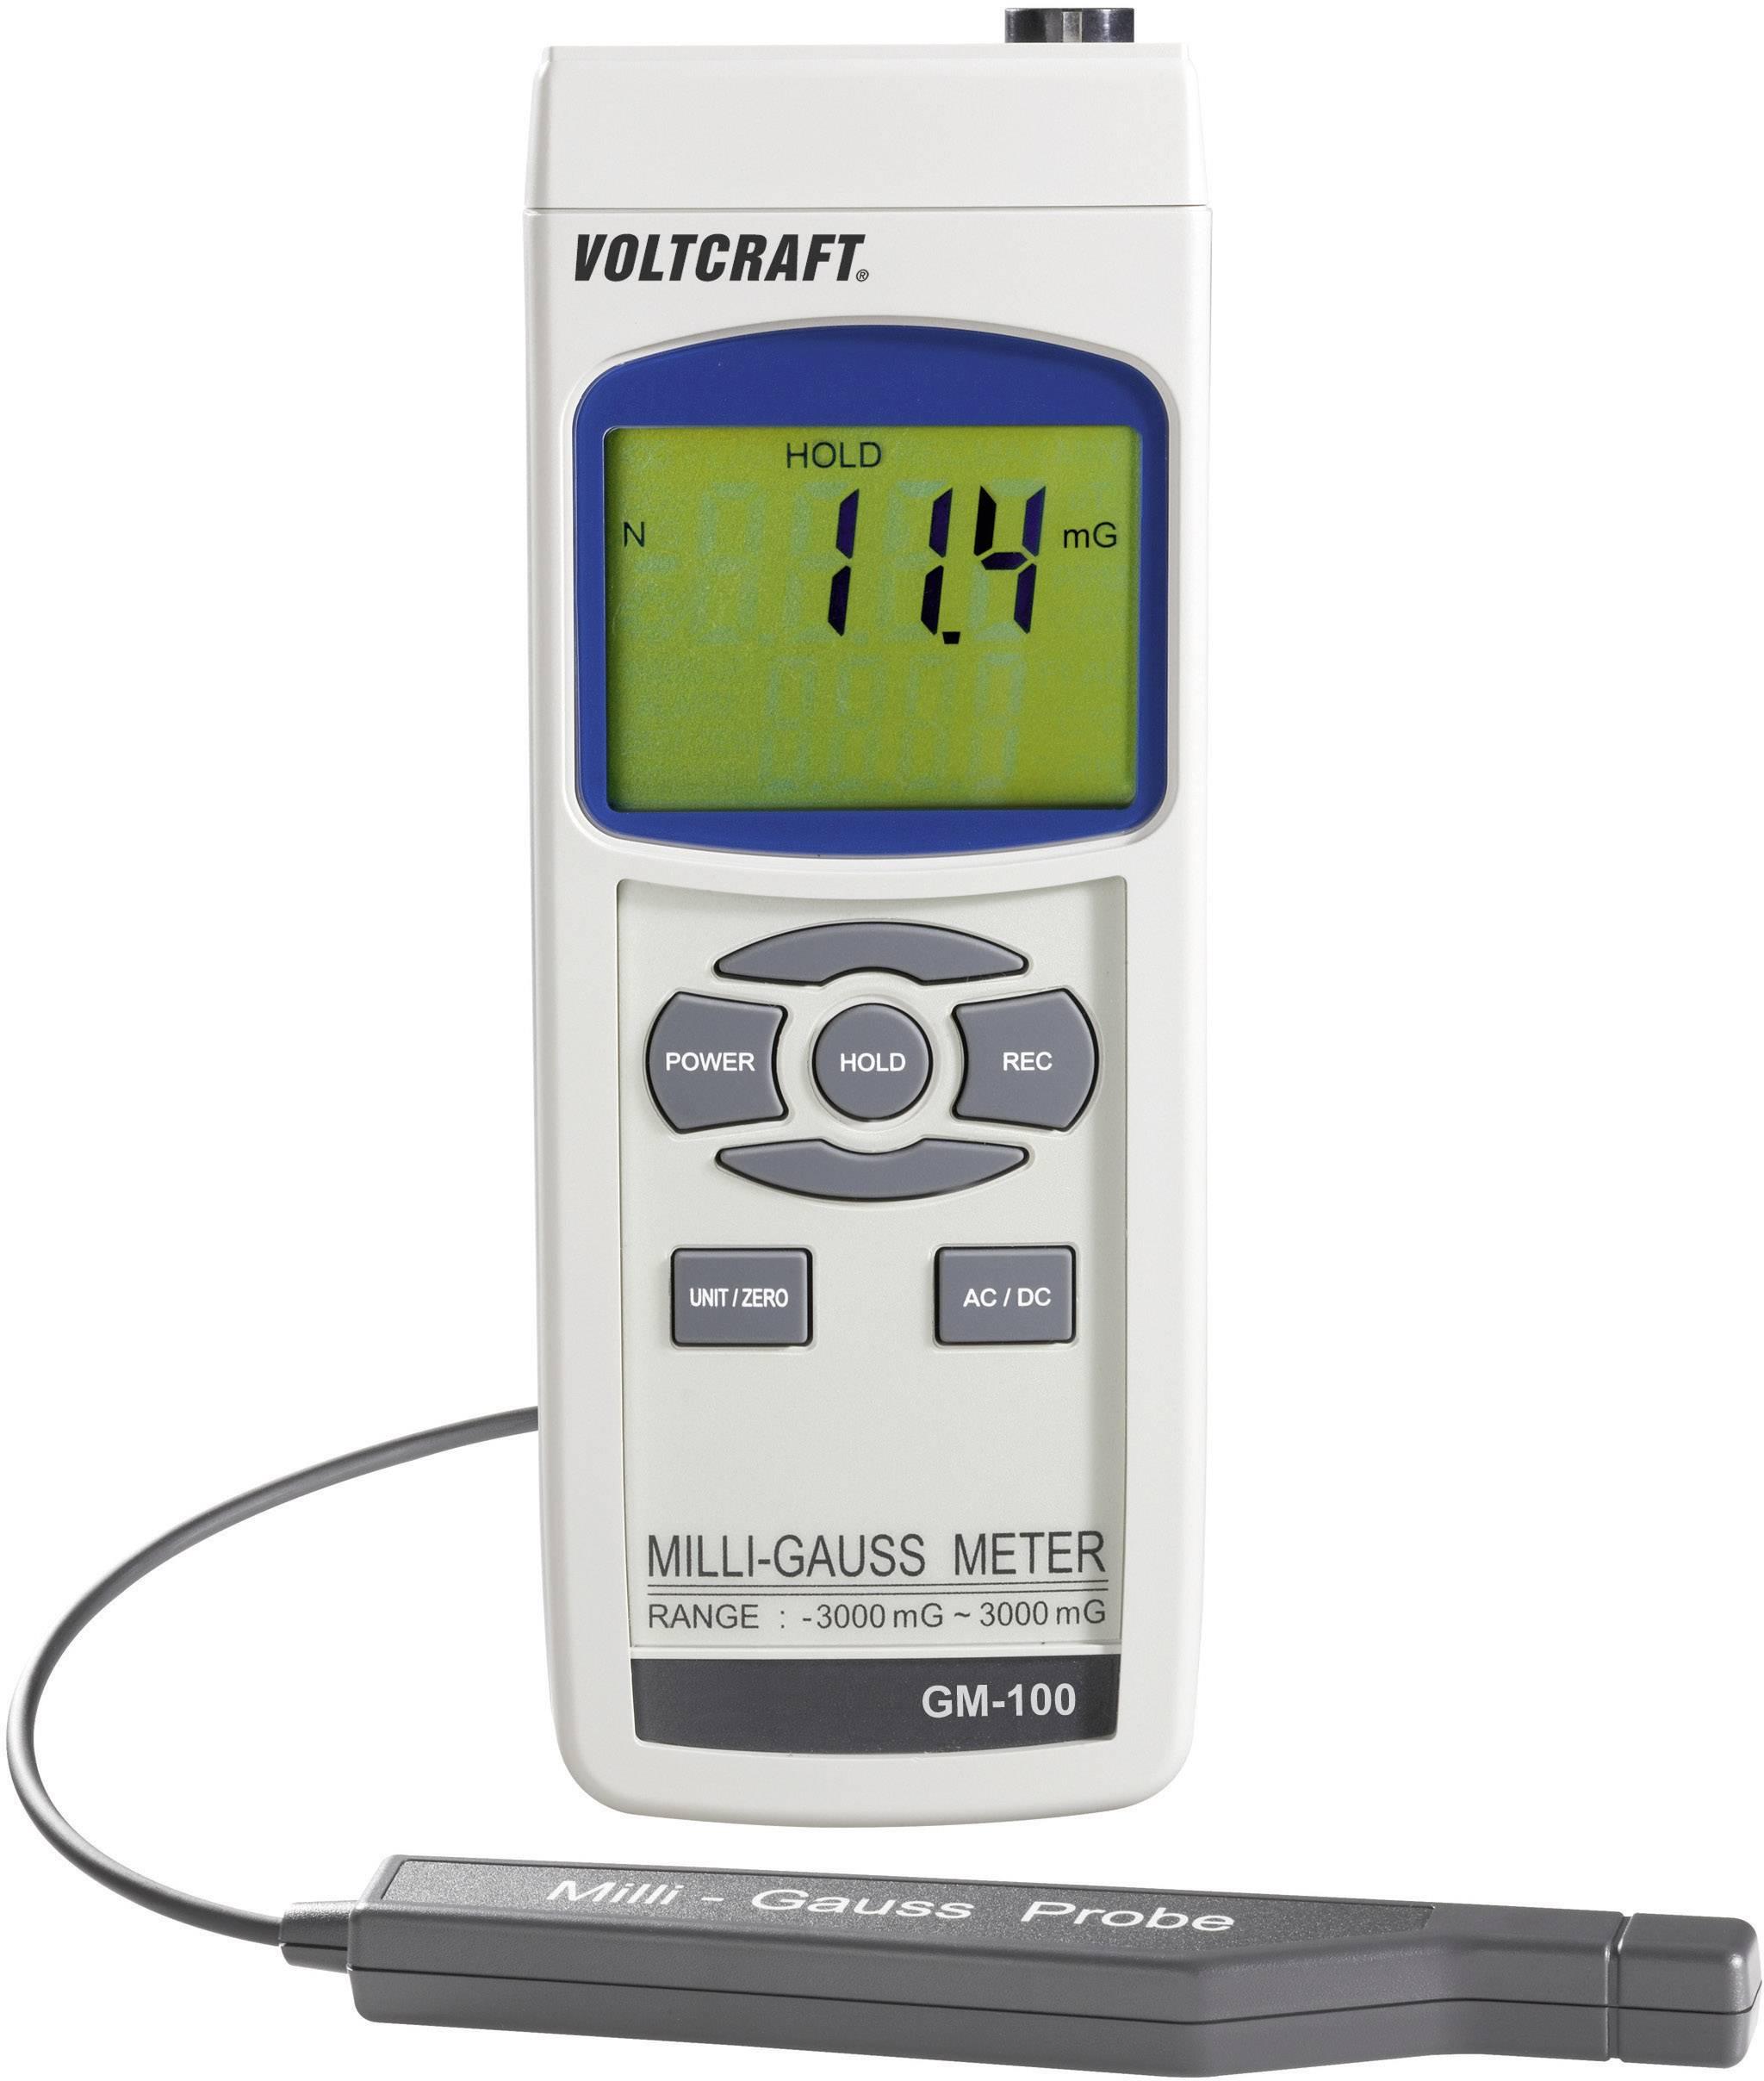 Prístroj na meranie magnetického poľa VOLTCRAFT 101370